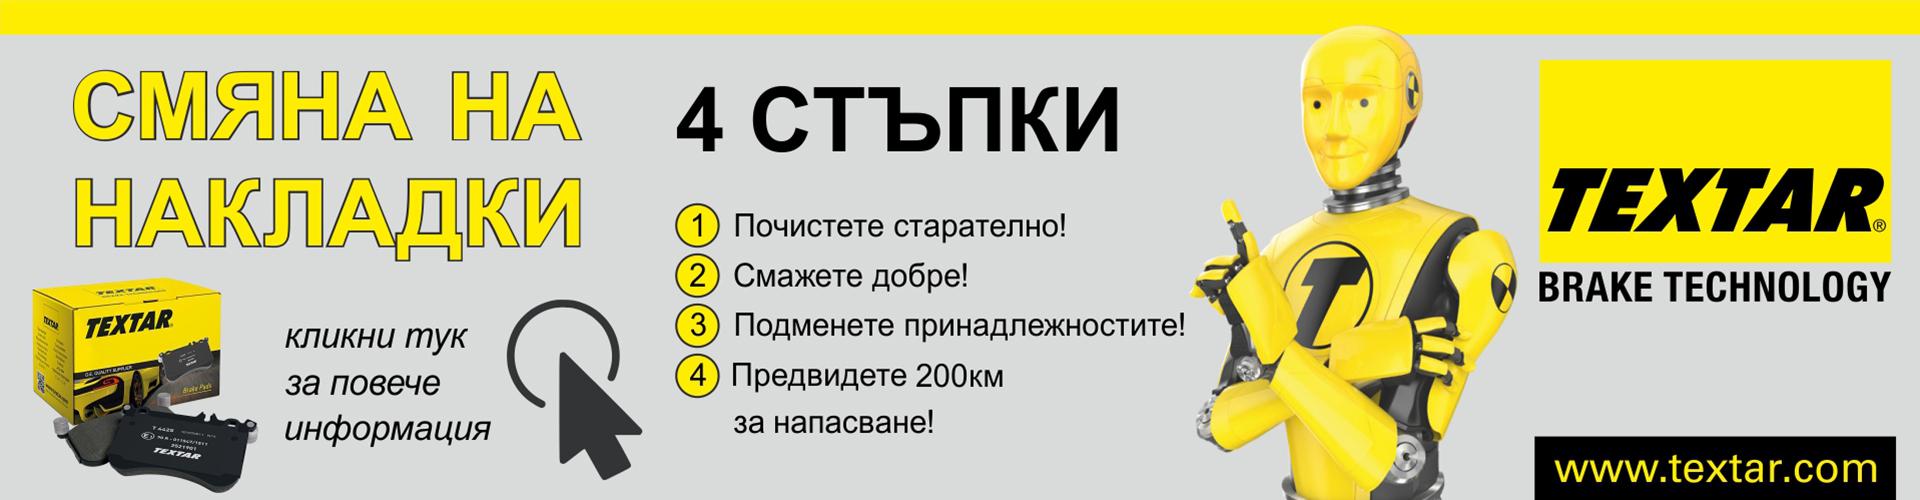 textar_smyana_nakladki_banner.jpg